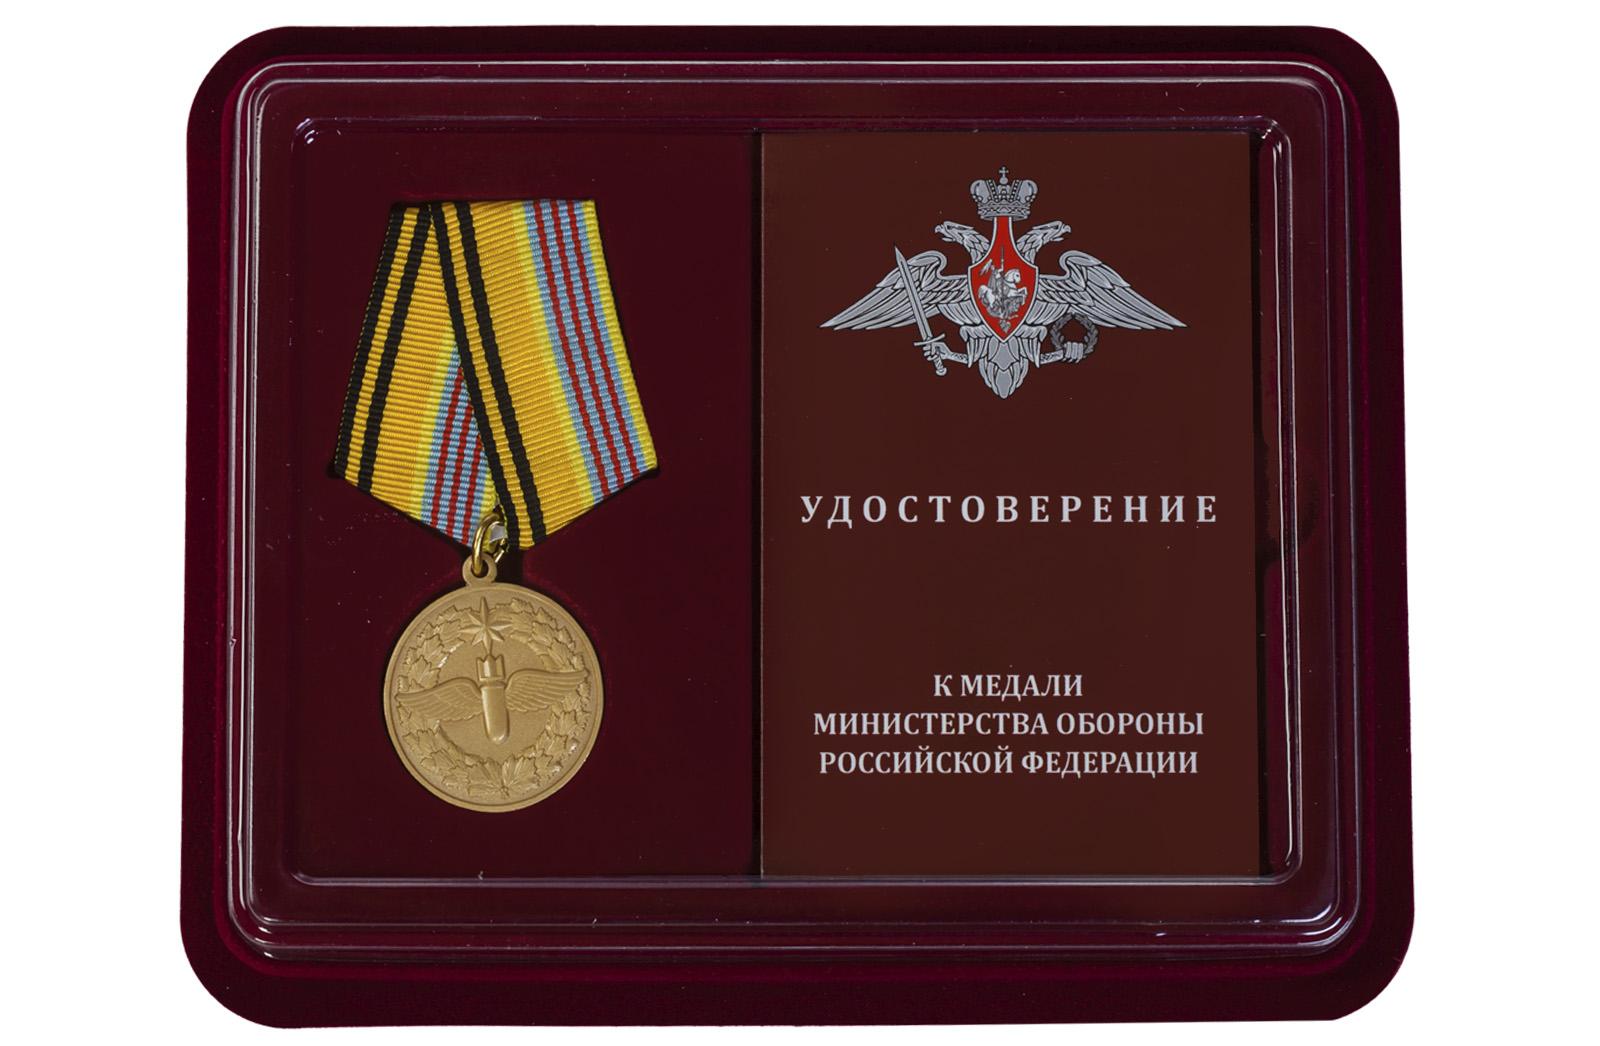 Купить медаль 100 лет Штурманской службе ВВС МО РФ оптом или в розницу